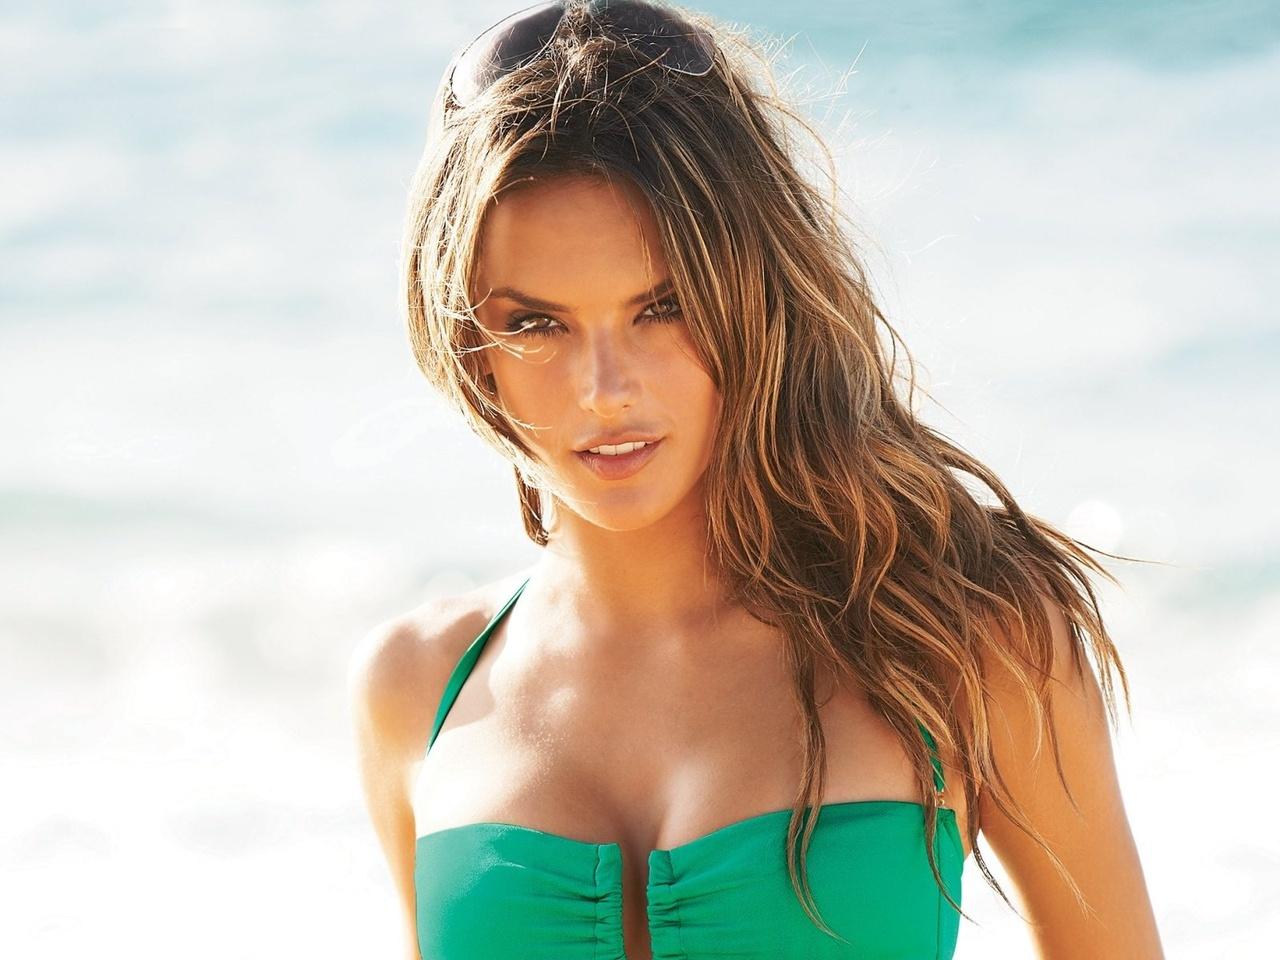 Как стать моделью: секреты красоты от ангелов Victoria's Secret - фото №3